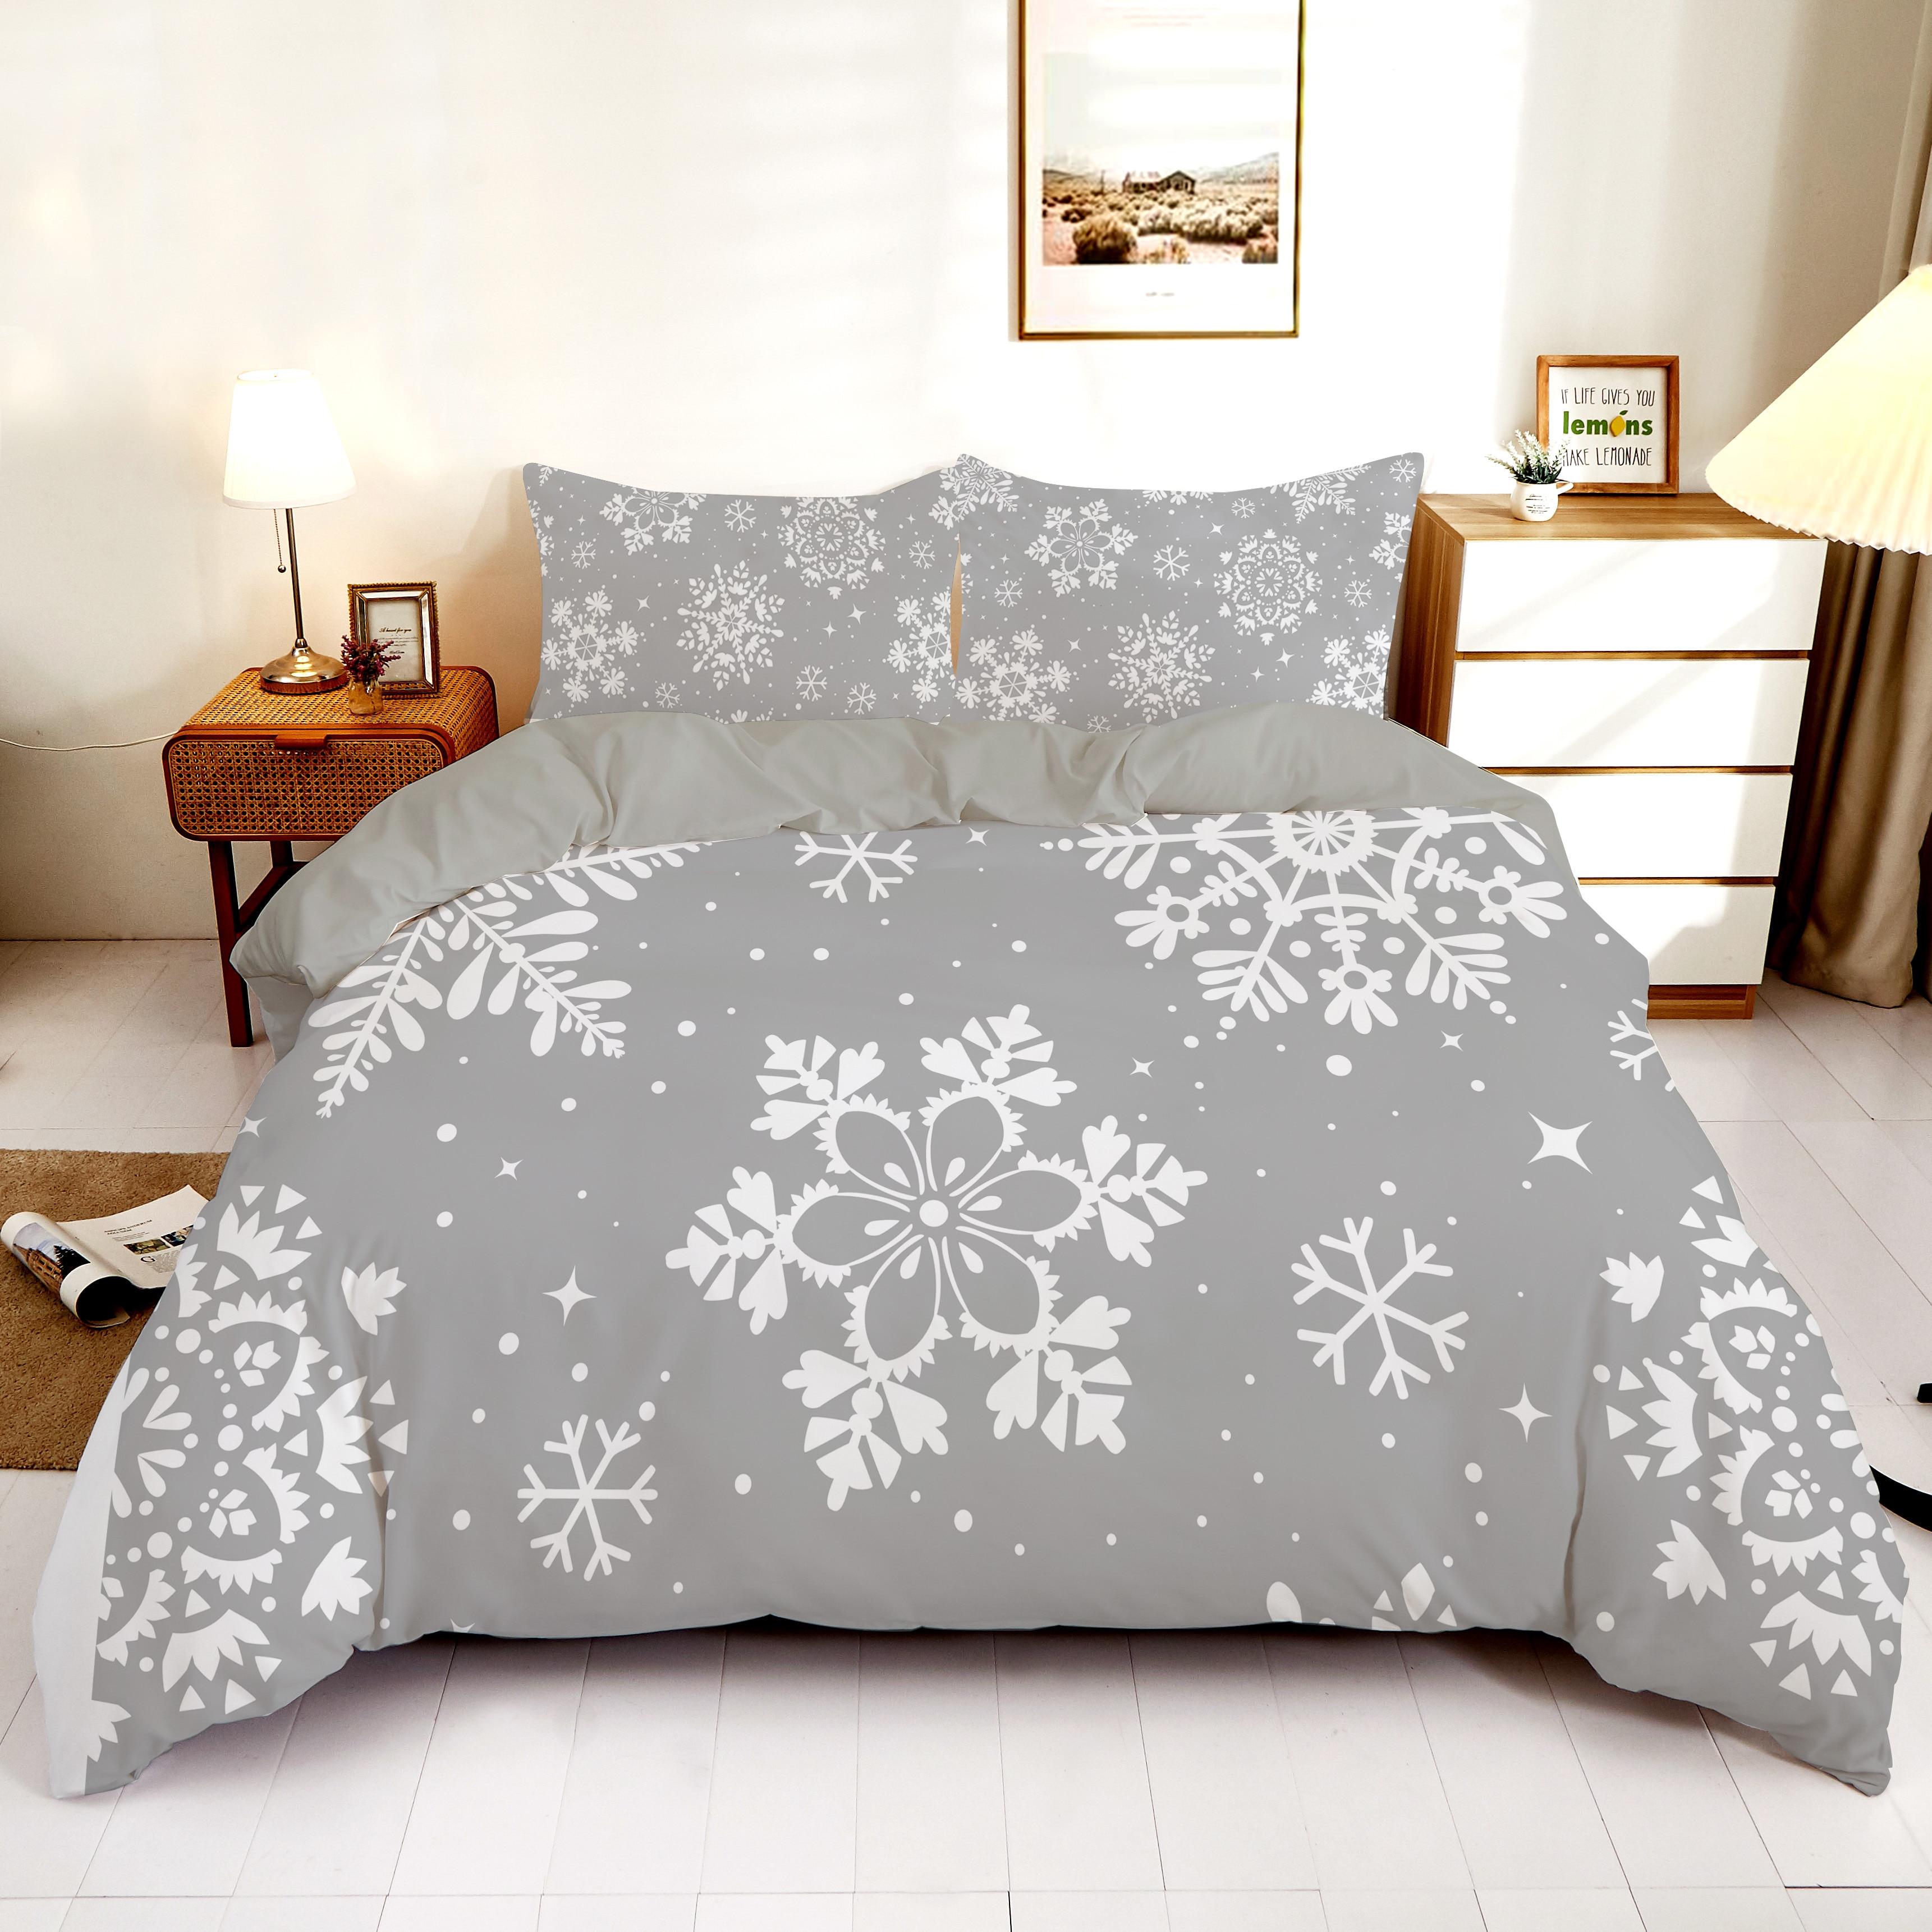 تحلق الثلج في جميع أنحاء السماء المطبوعة طقم سرير 2/3 قطعة الملكة الملك حاف الغطاء الدافئة المفارش غطاء لحاف مع المخدة